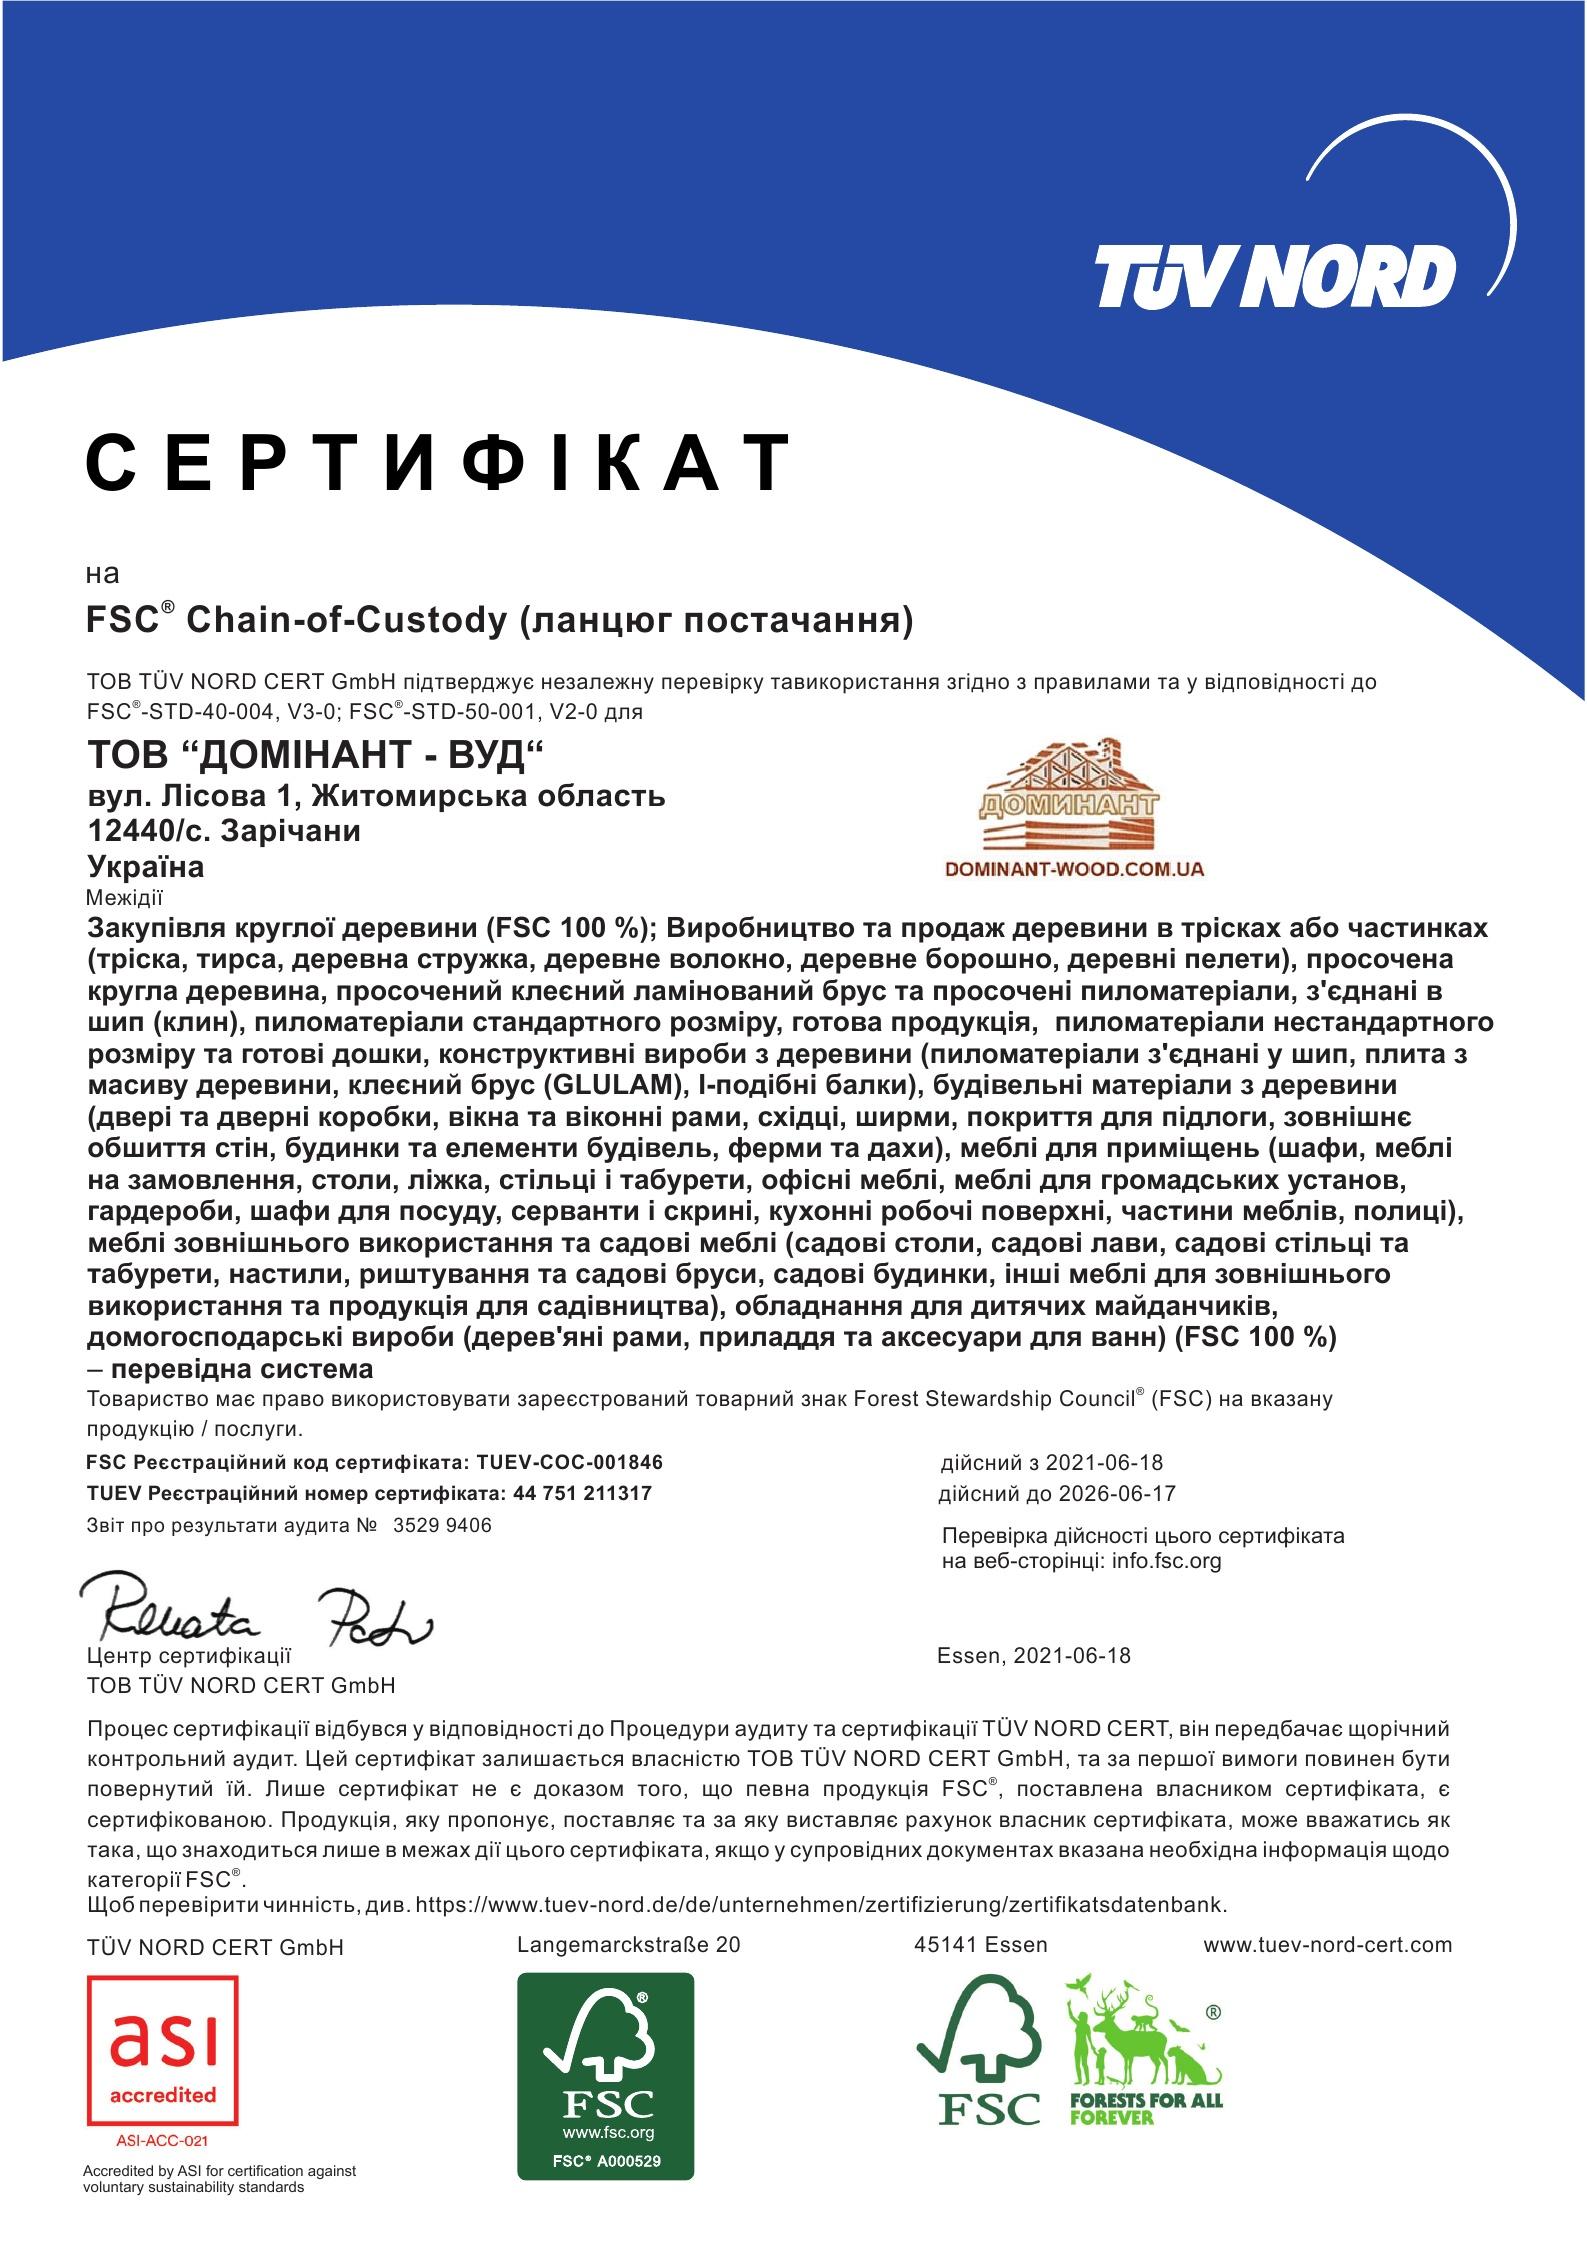 міжнародний сертифікат FSC